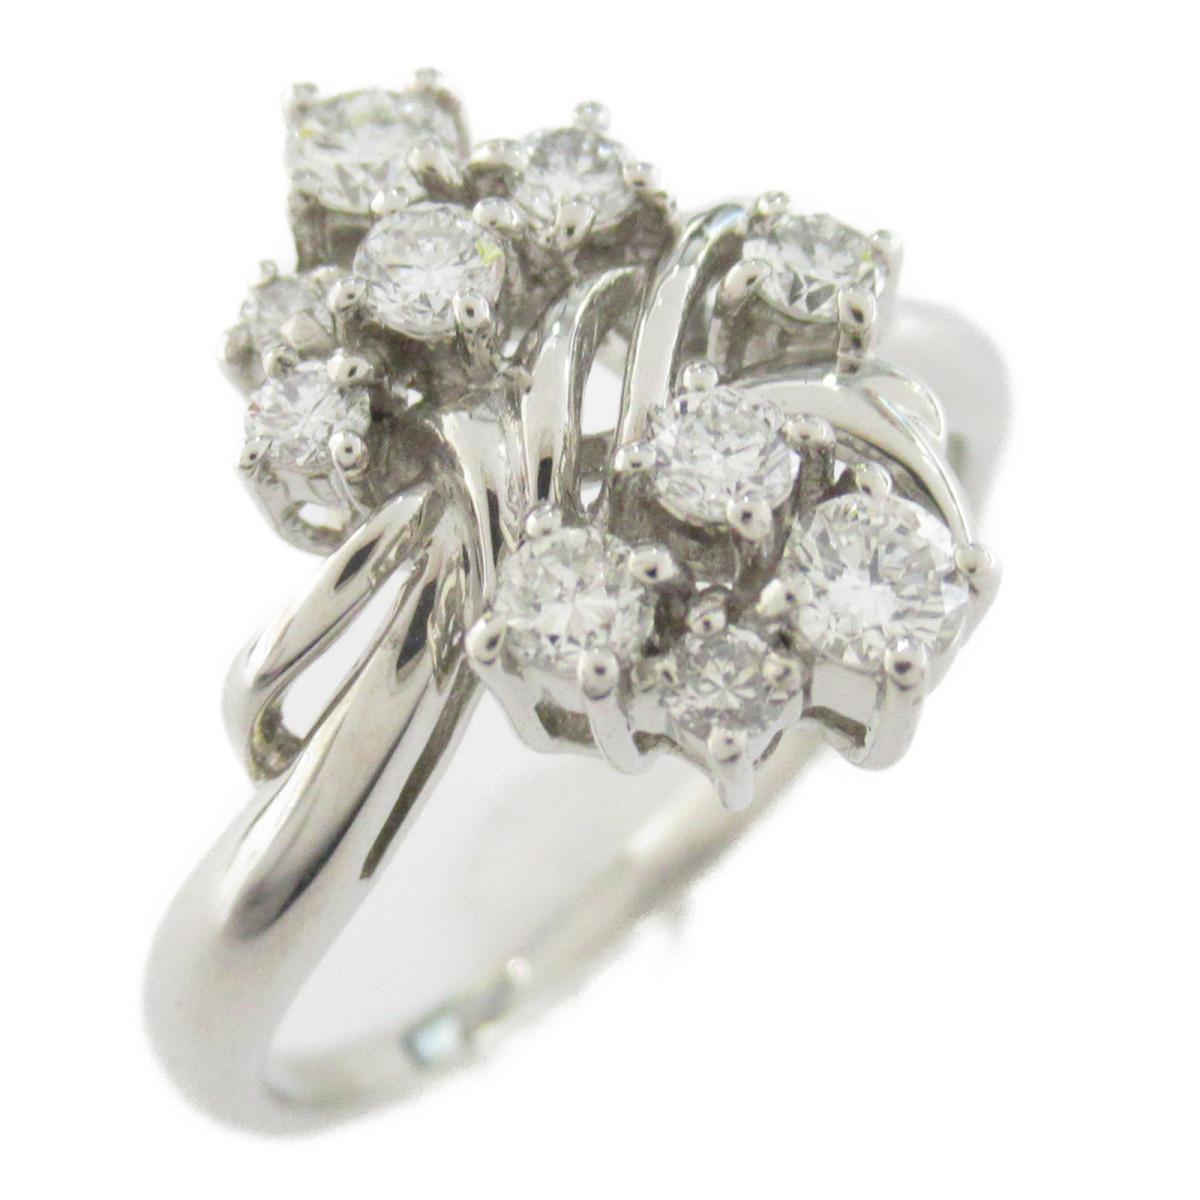 【中古】ジュエリー ダイヤモンド リング 指輪 レディース PT900 プラチナ x ダイヤモンド0.57CT